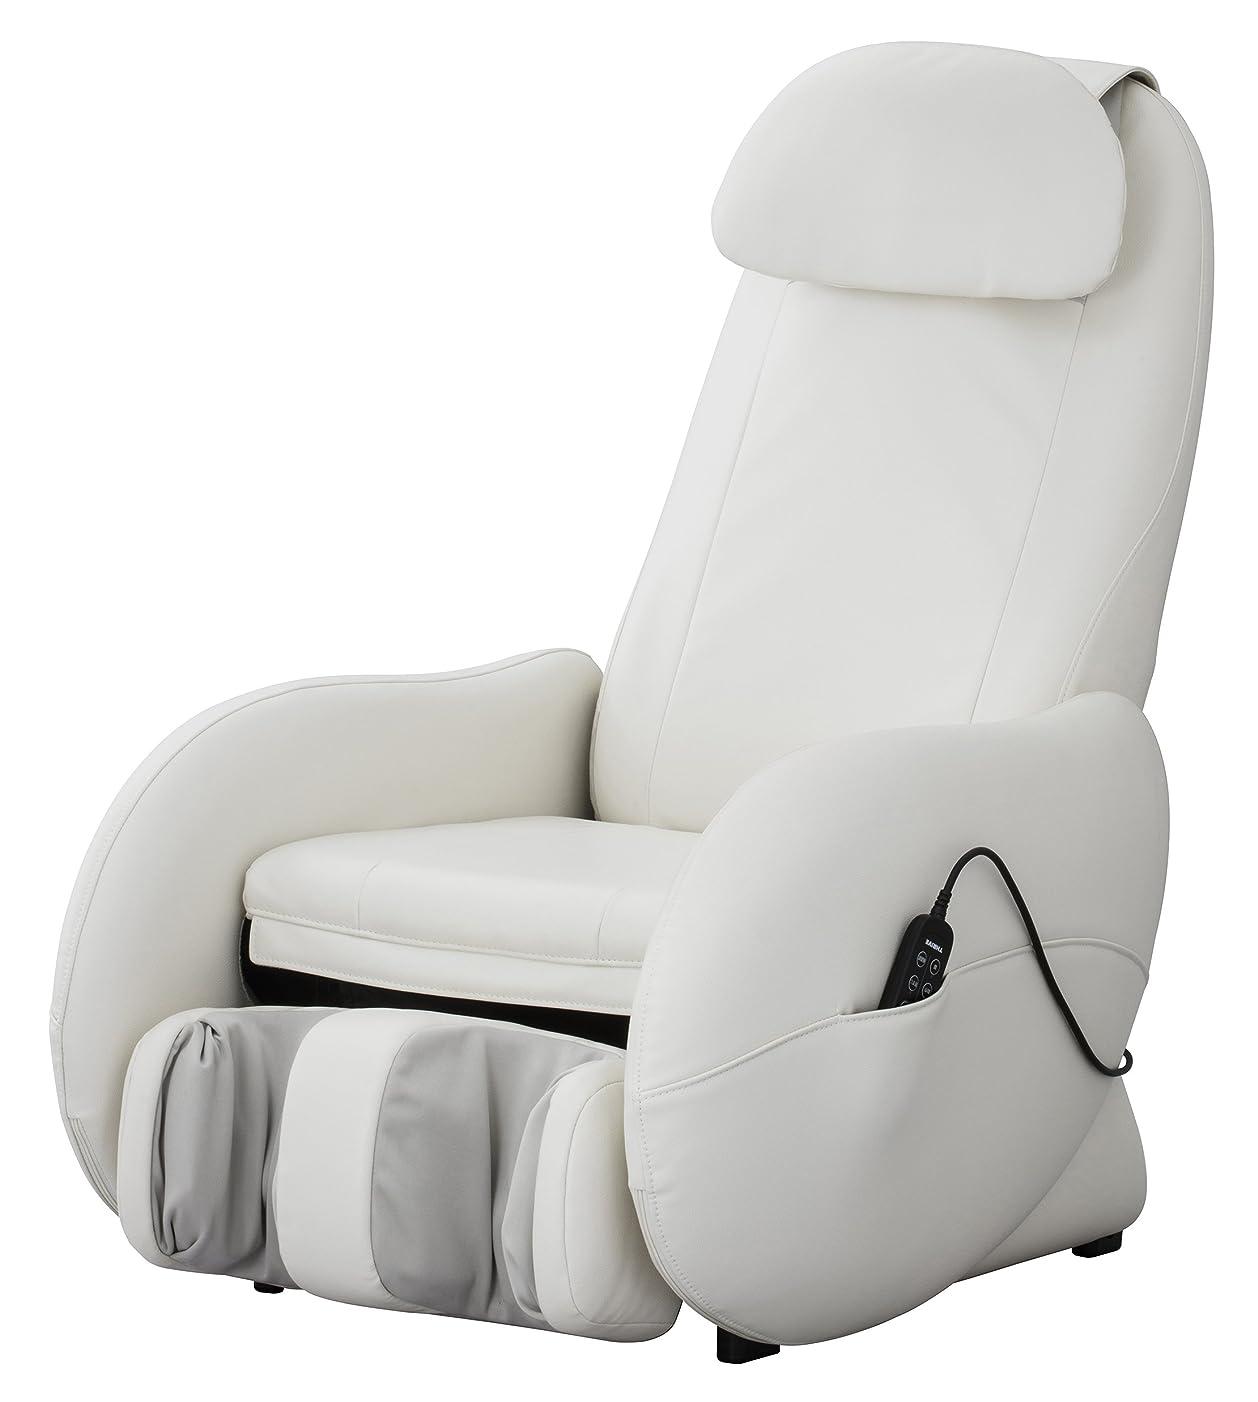 気になるネックレット彼のスライヴ くつろぎ指定席Light マッサージチェア CHD-3500-WH ホワイト 正規品 おしゃれ コンパクト 小型